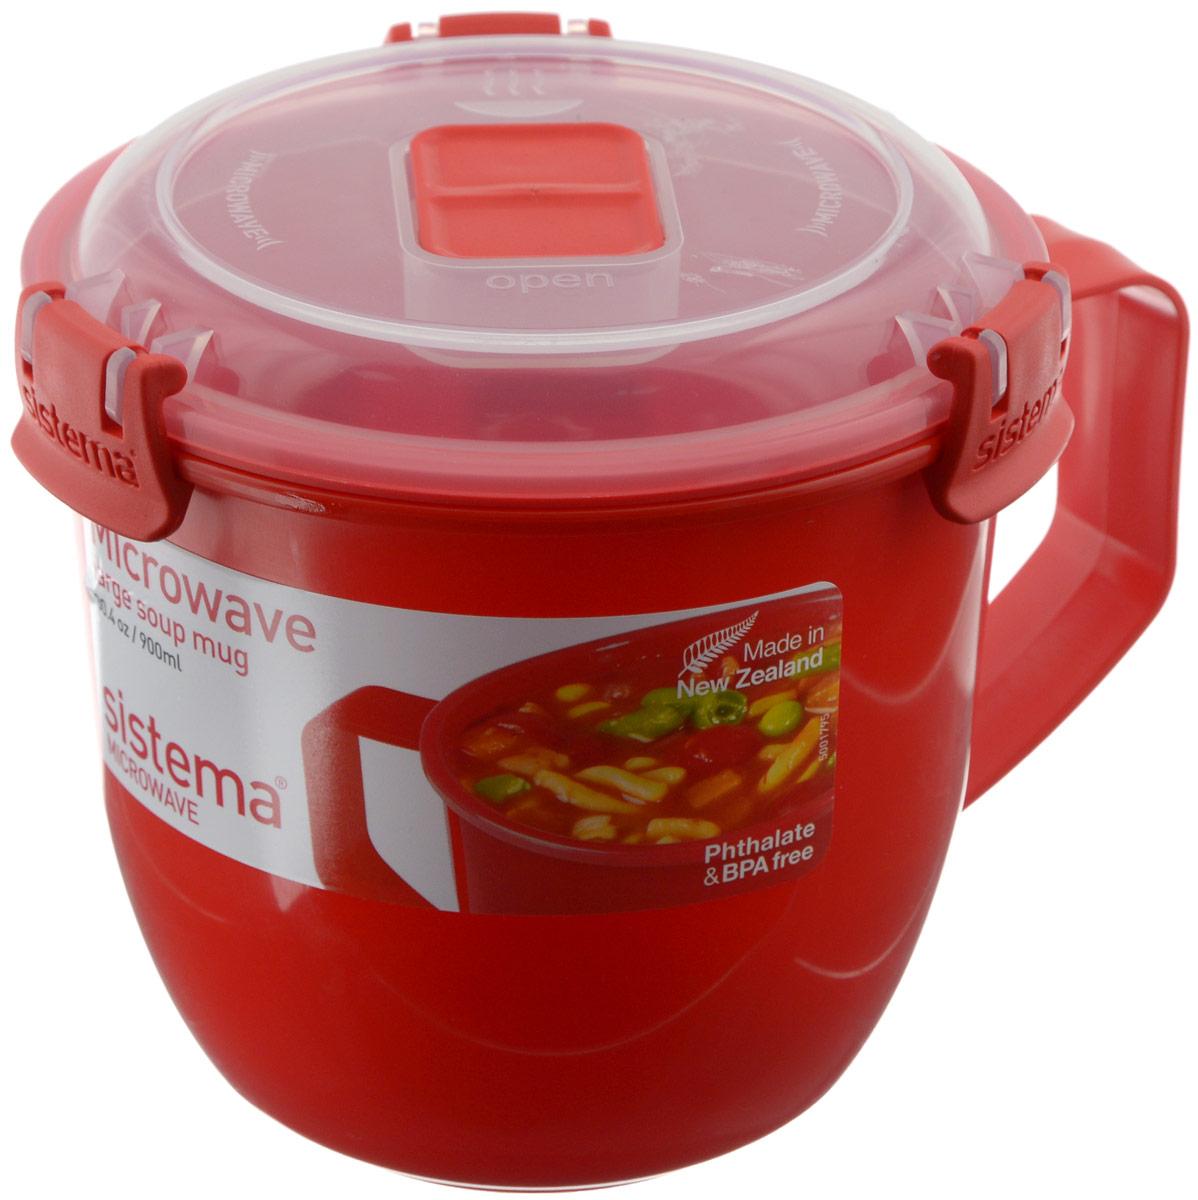 Кружка суповая Sistema Microwave, цвет: красный, 900 мл1141Кружка суповая Sistema Microwave создана для людей ведущих активный образ жизни. Кружка, с надежной защитой от протечек, позволит взять с собой горячий суп на пикник, в офис или в поездку. На крышке имеется силиконовая прокладка, который способствует герметичному закрыванию. Контейнер оснащен фиксирующимися зажимами – клипсами, которые при необходимости можно заменить. Можно мыть в посудомоечной машине. Объем кружки: 900 мл.